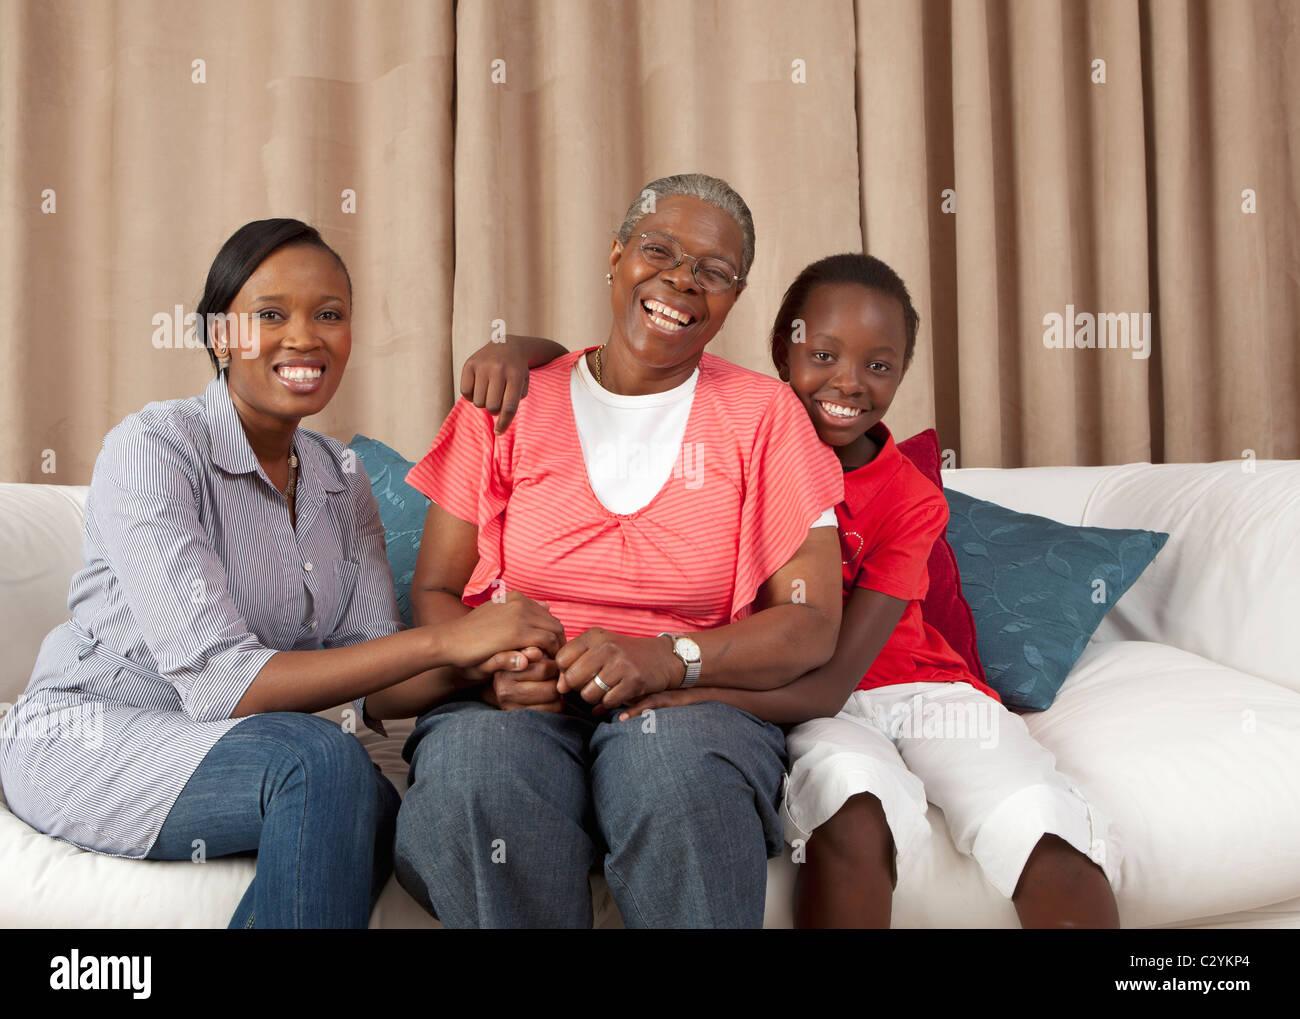 Trois générations de femmes sur le canapé, Johannesburg, Afrique du Sud Photo Stock